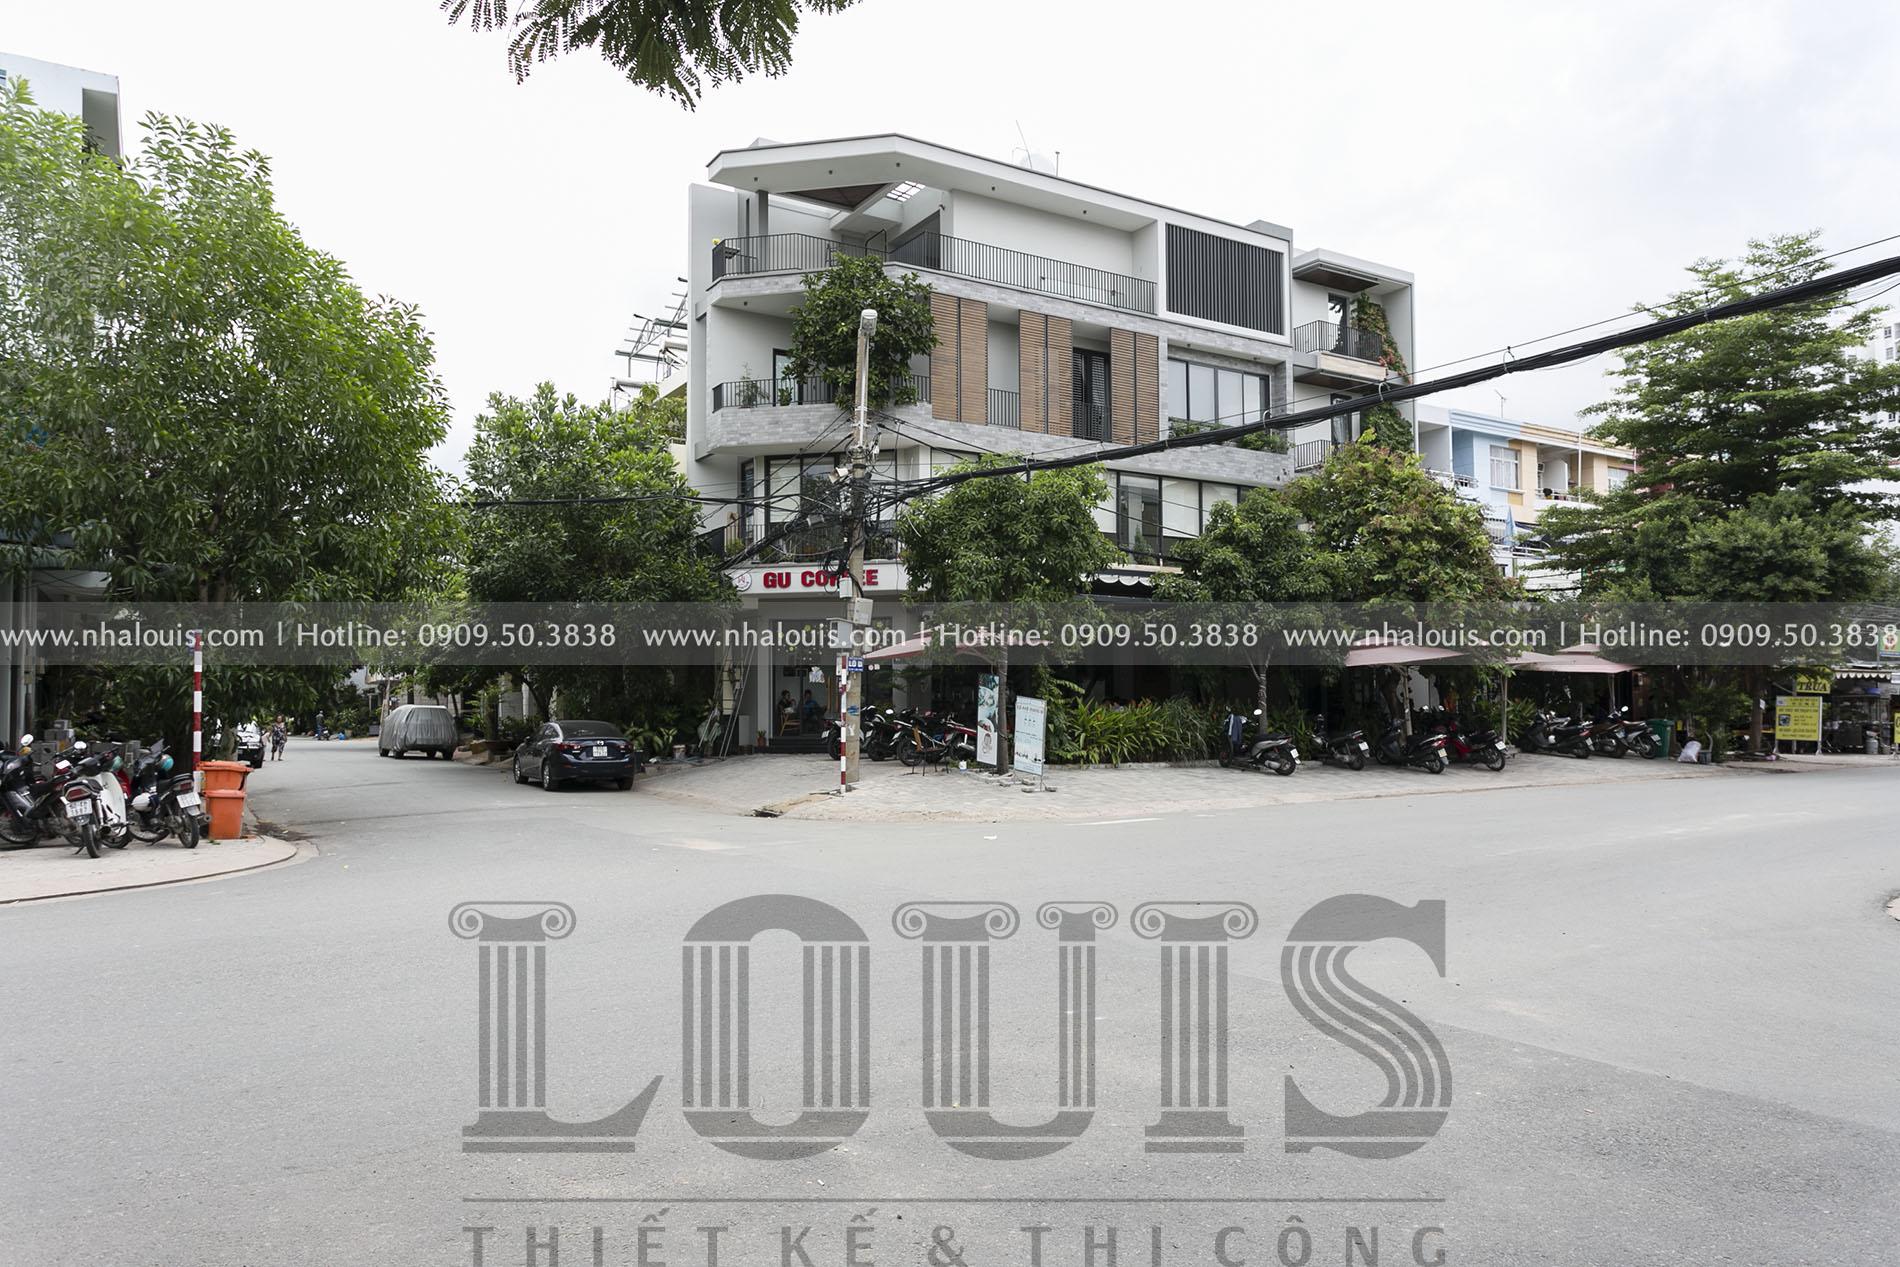 Ngắm nhà 2 mặt tiền kết hợp kinh doanh ở KDC Nam Long Quận 7